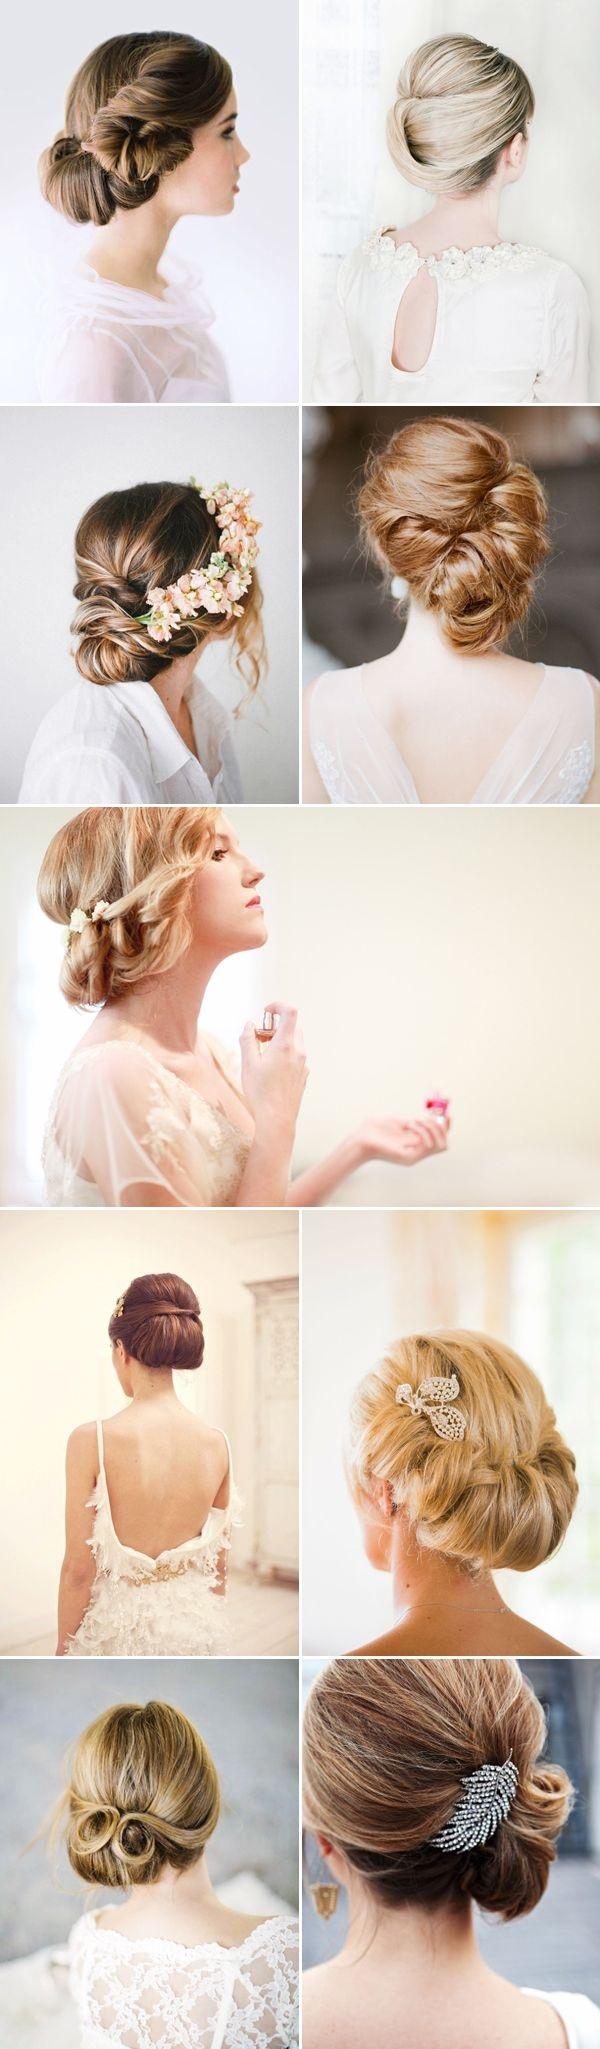 CréditPhotos@Pinterest.com